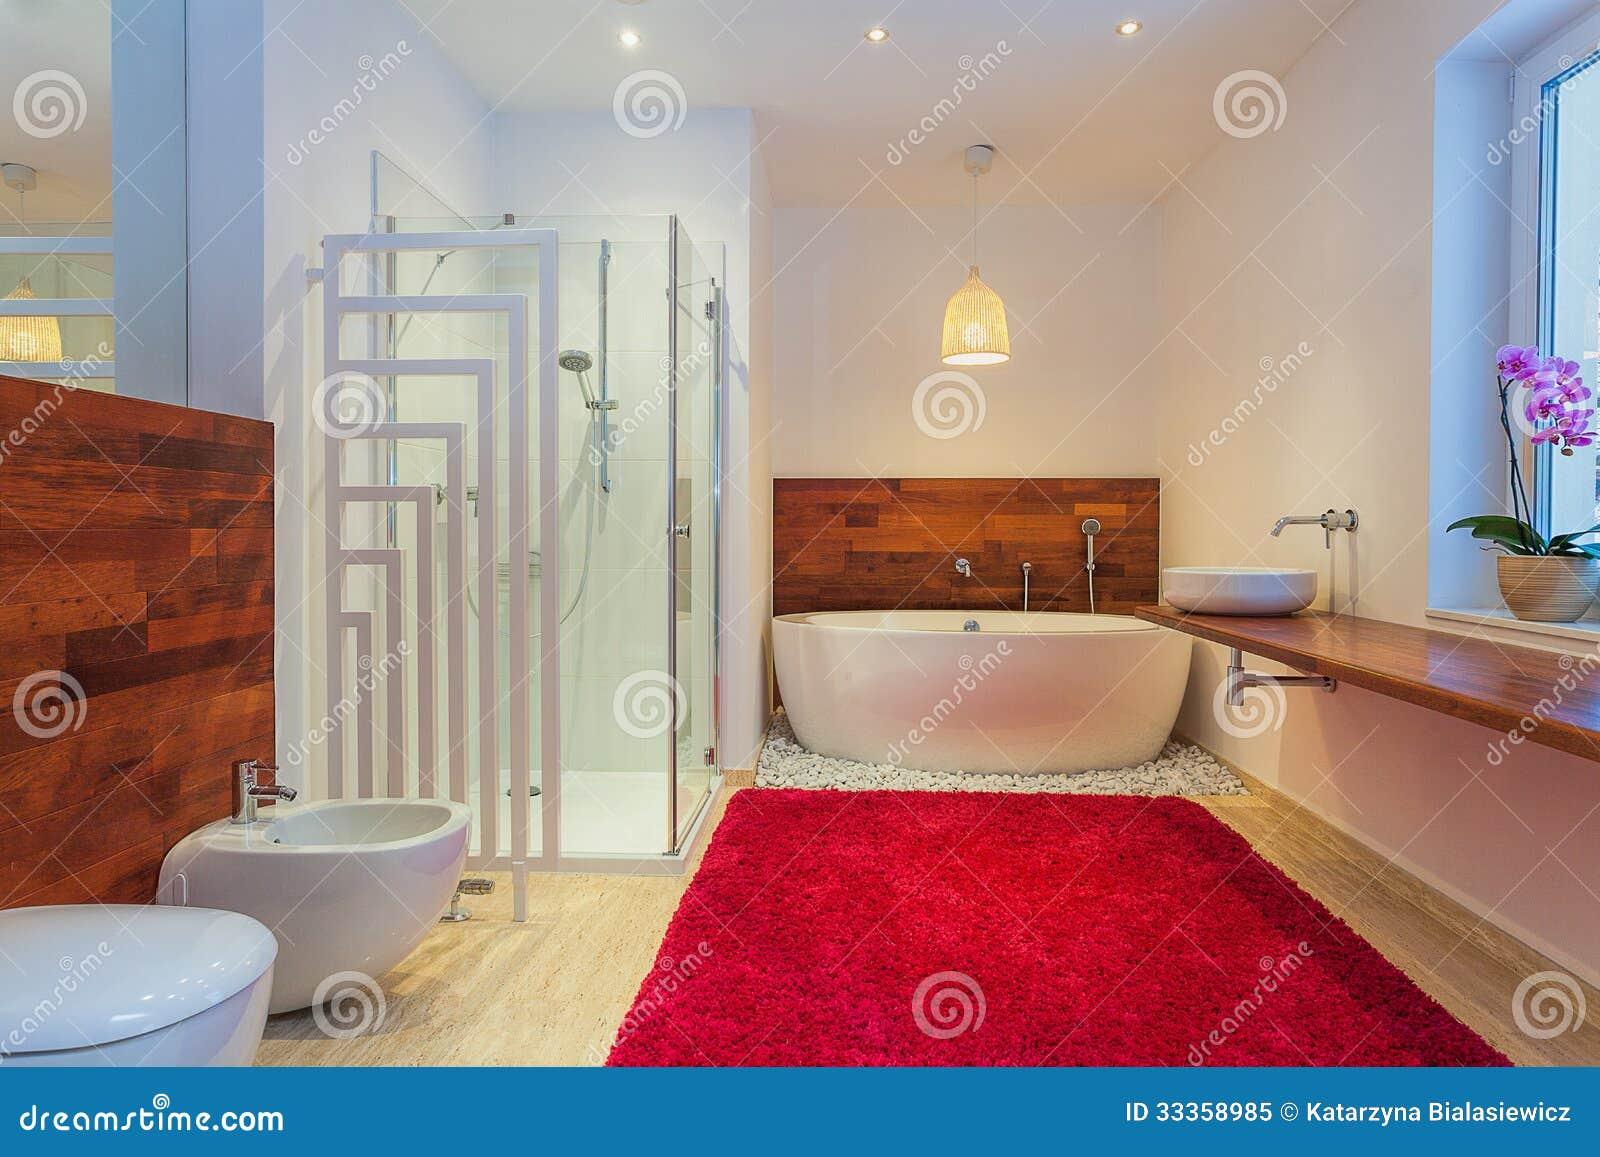 Bagno moderno con tappeto immagine stock. immagine di esotico 33358985